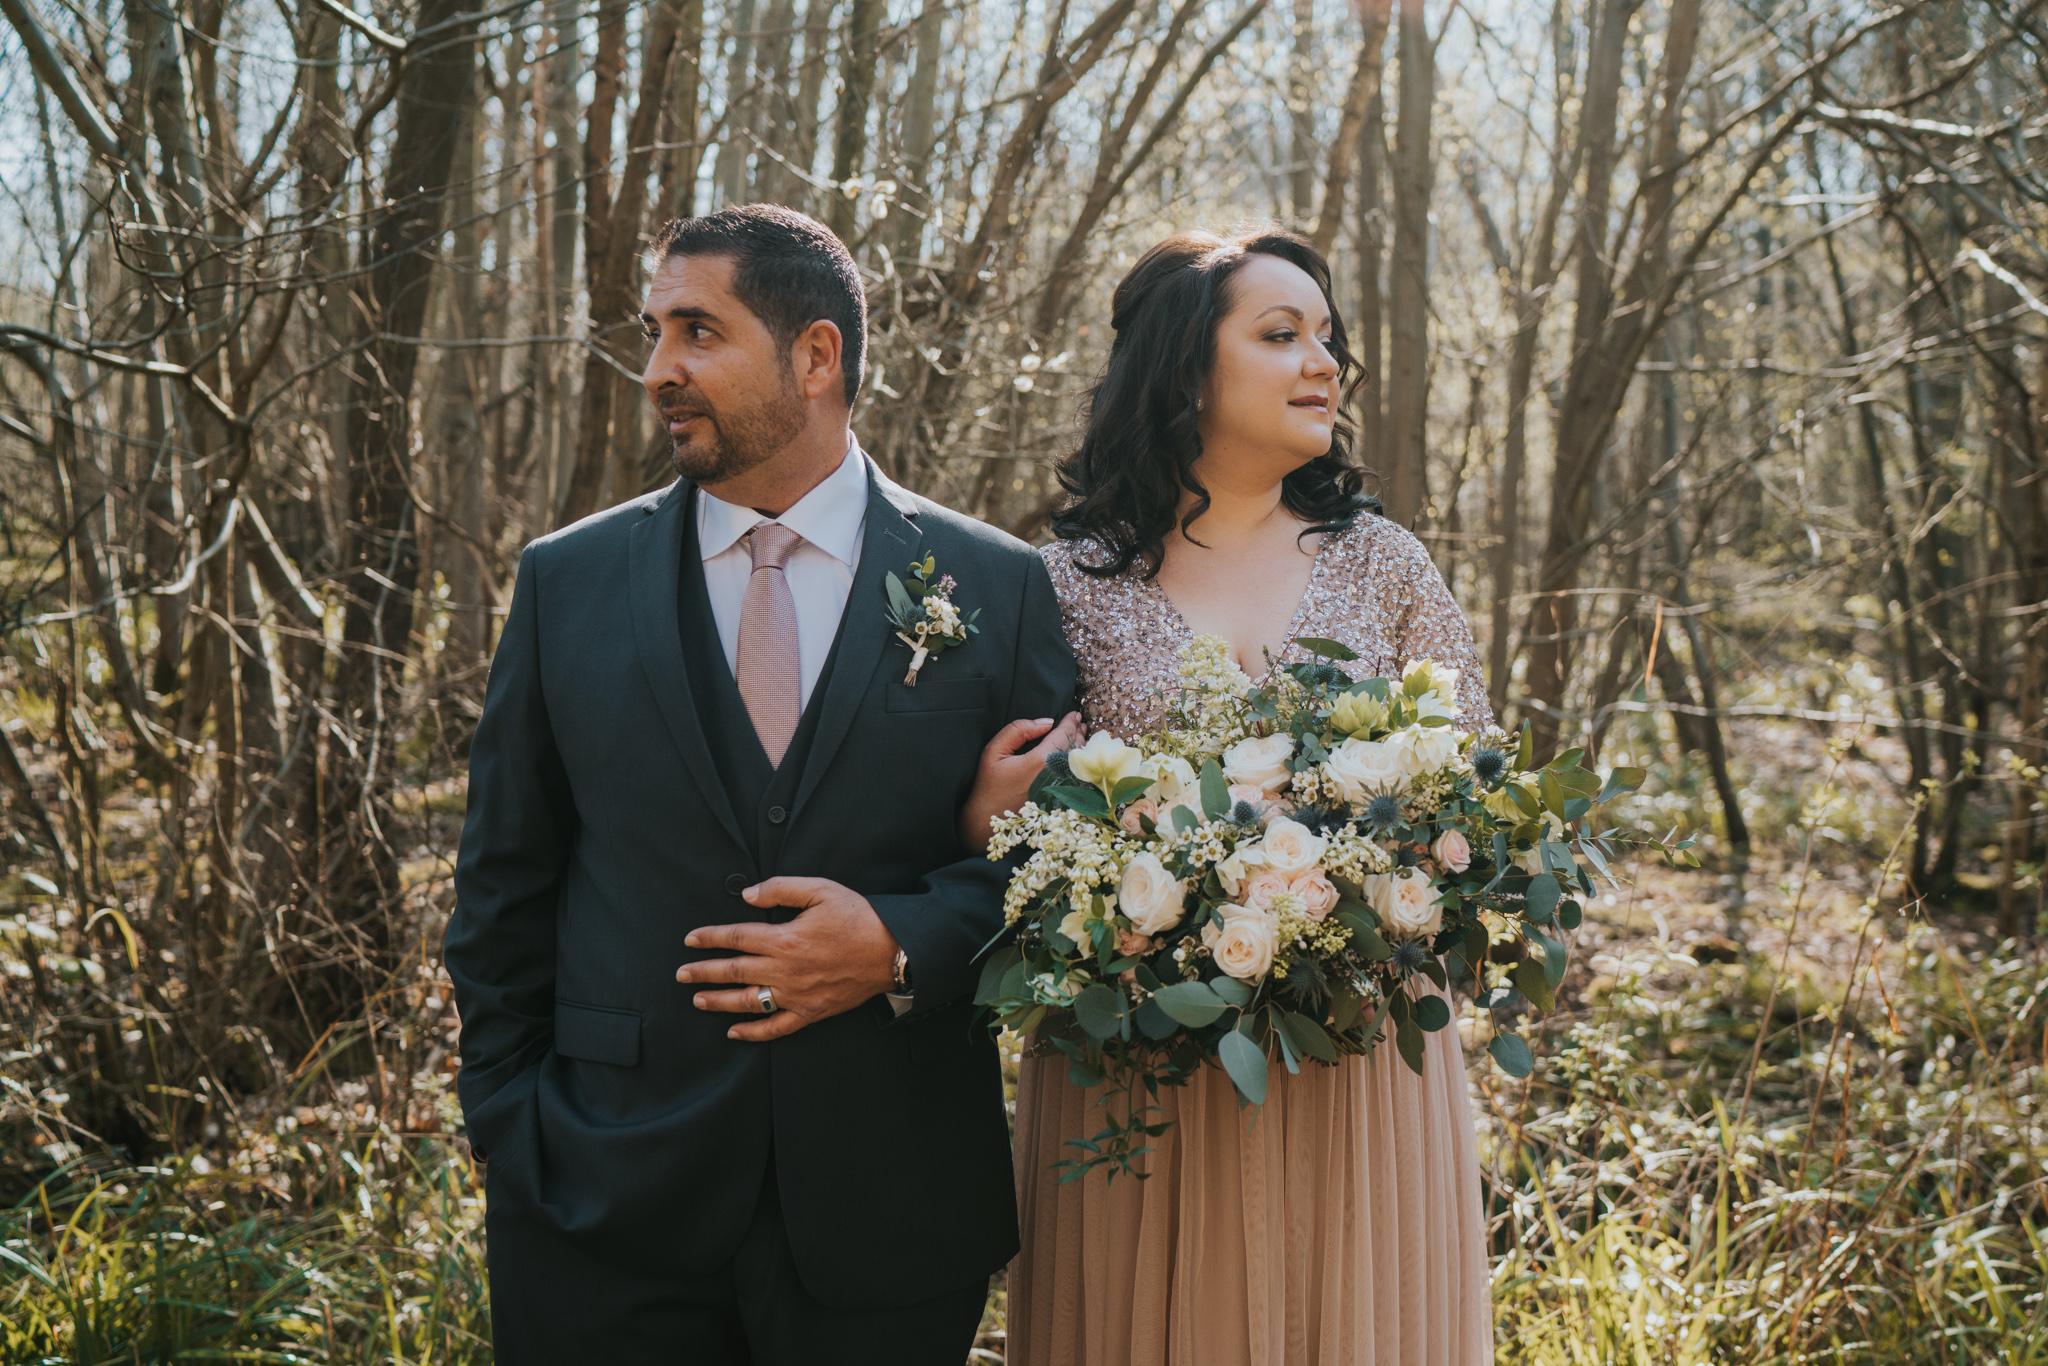 yuliya-yafith-colchester-essex-woodland-elopement-alternative-wedding-photographer-grace-elizabeth-essex-suffolk-norfolk-devon (10 of 40).jpg